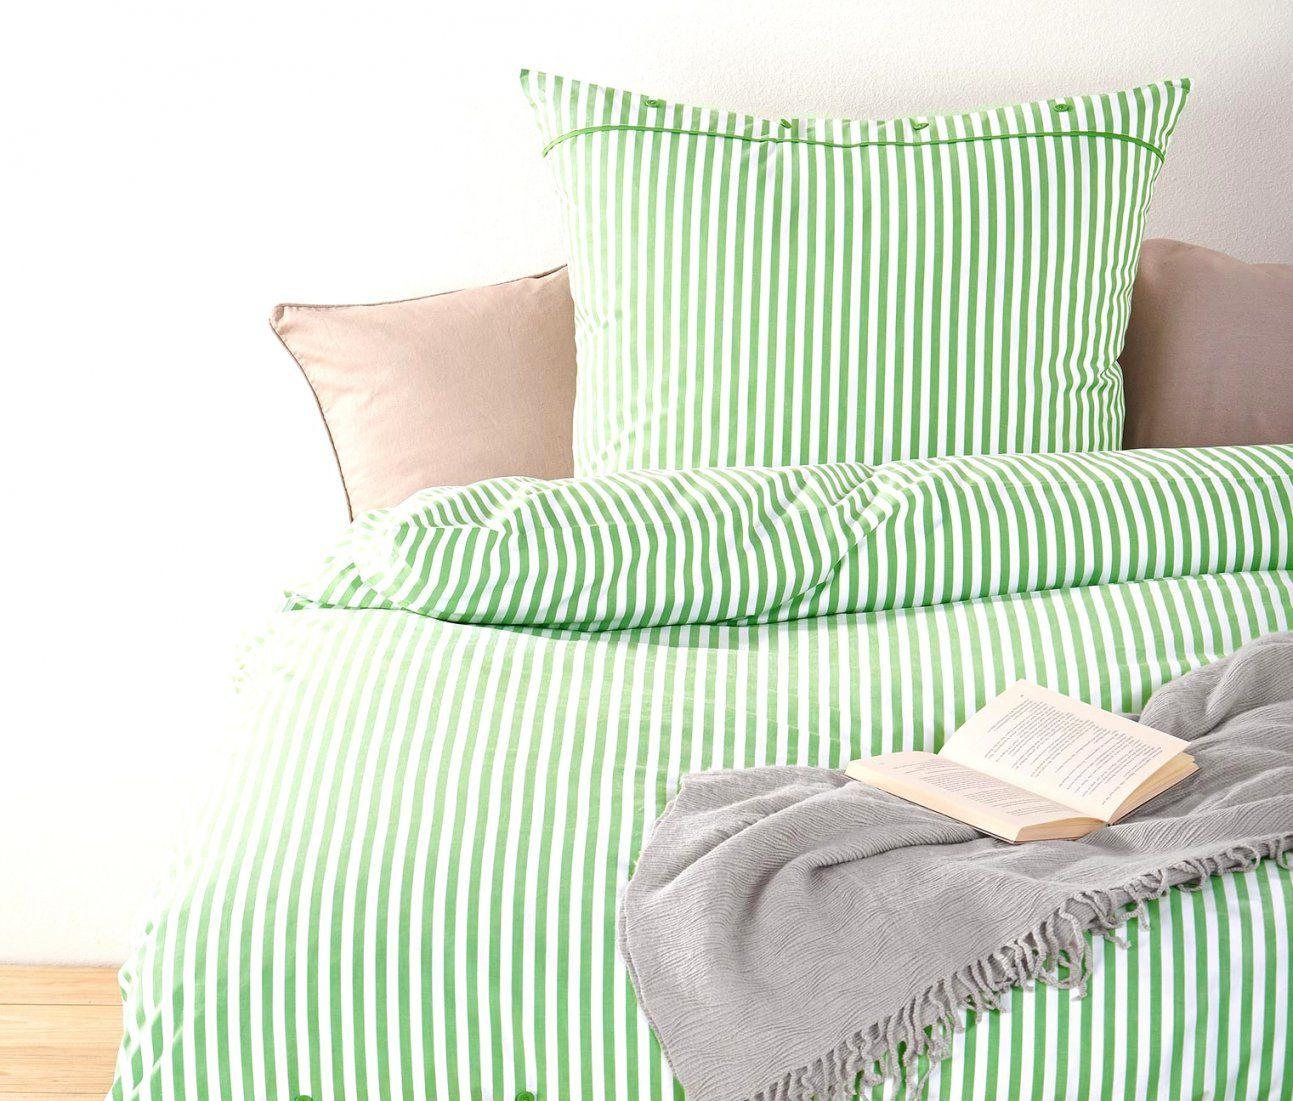 Atemberaubende Ideen Bettwäsche Tchibo Und Wunderbare Perkal von Mann Mobilia Bettwäsche Photo